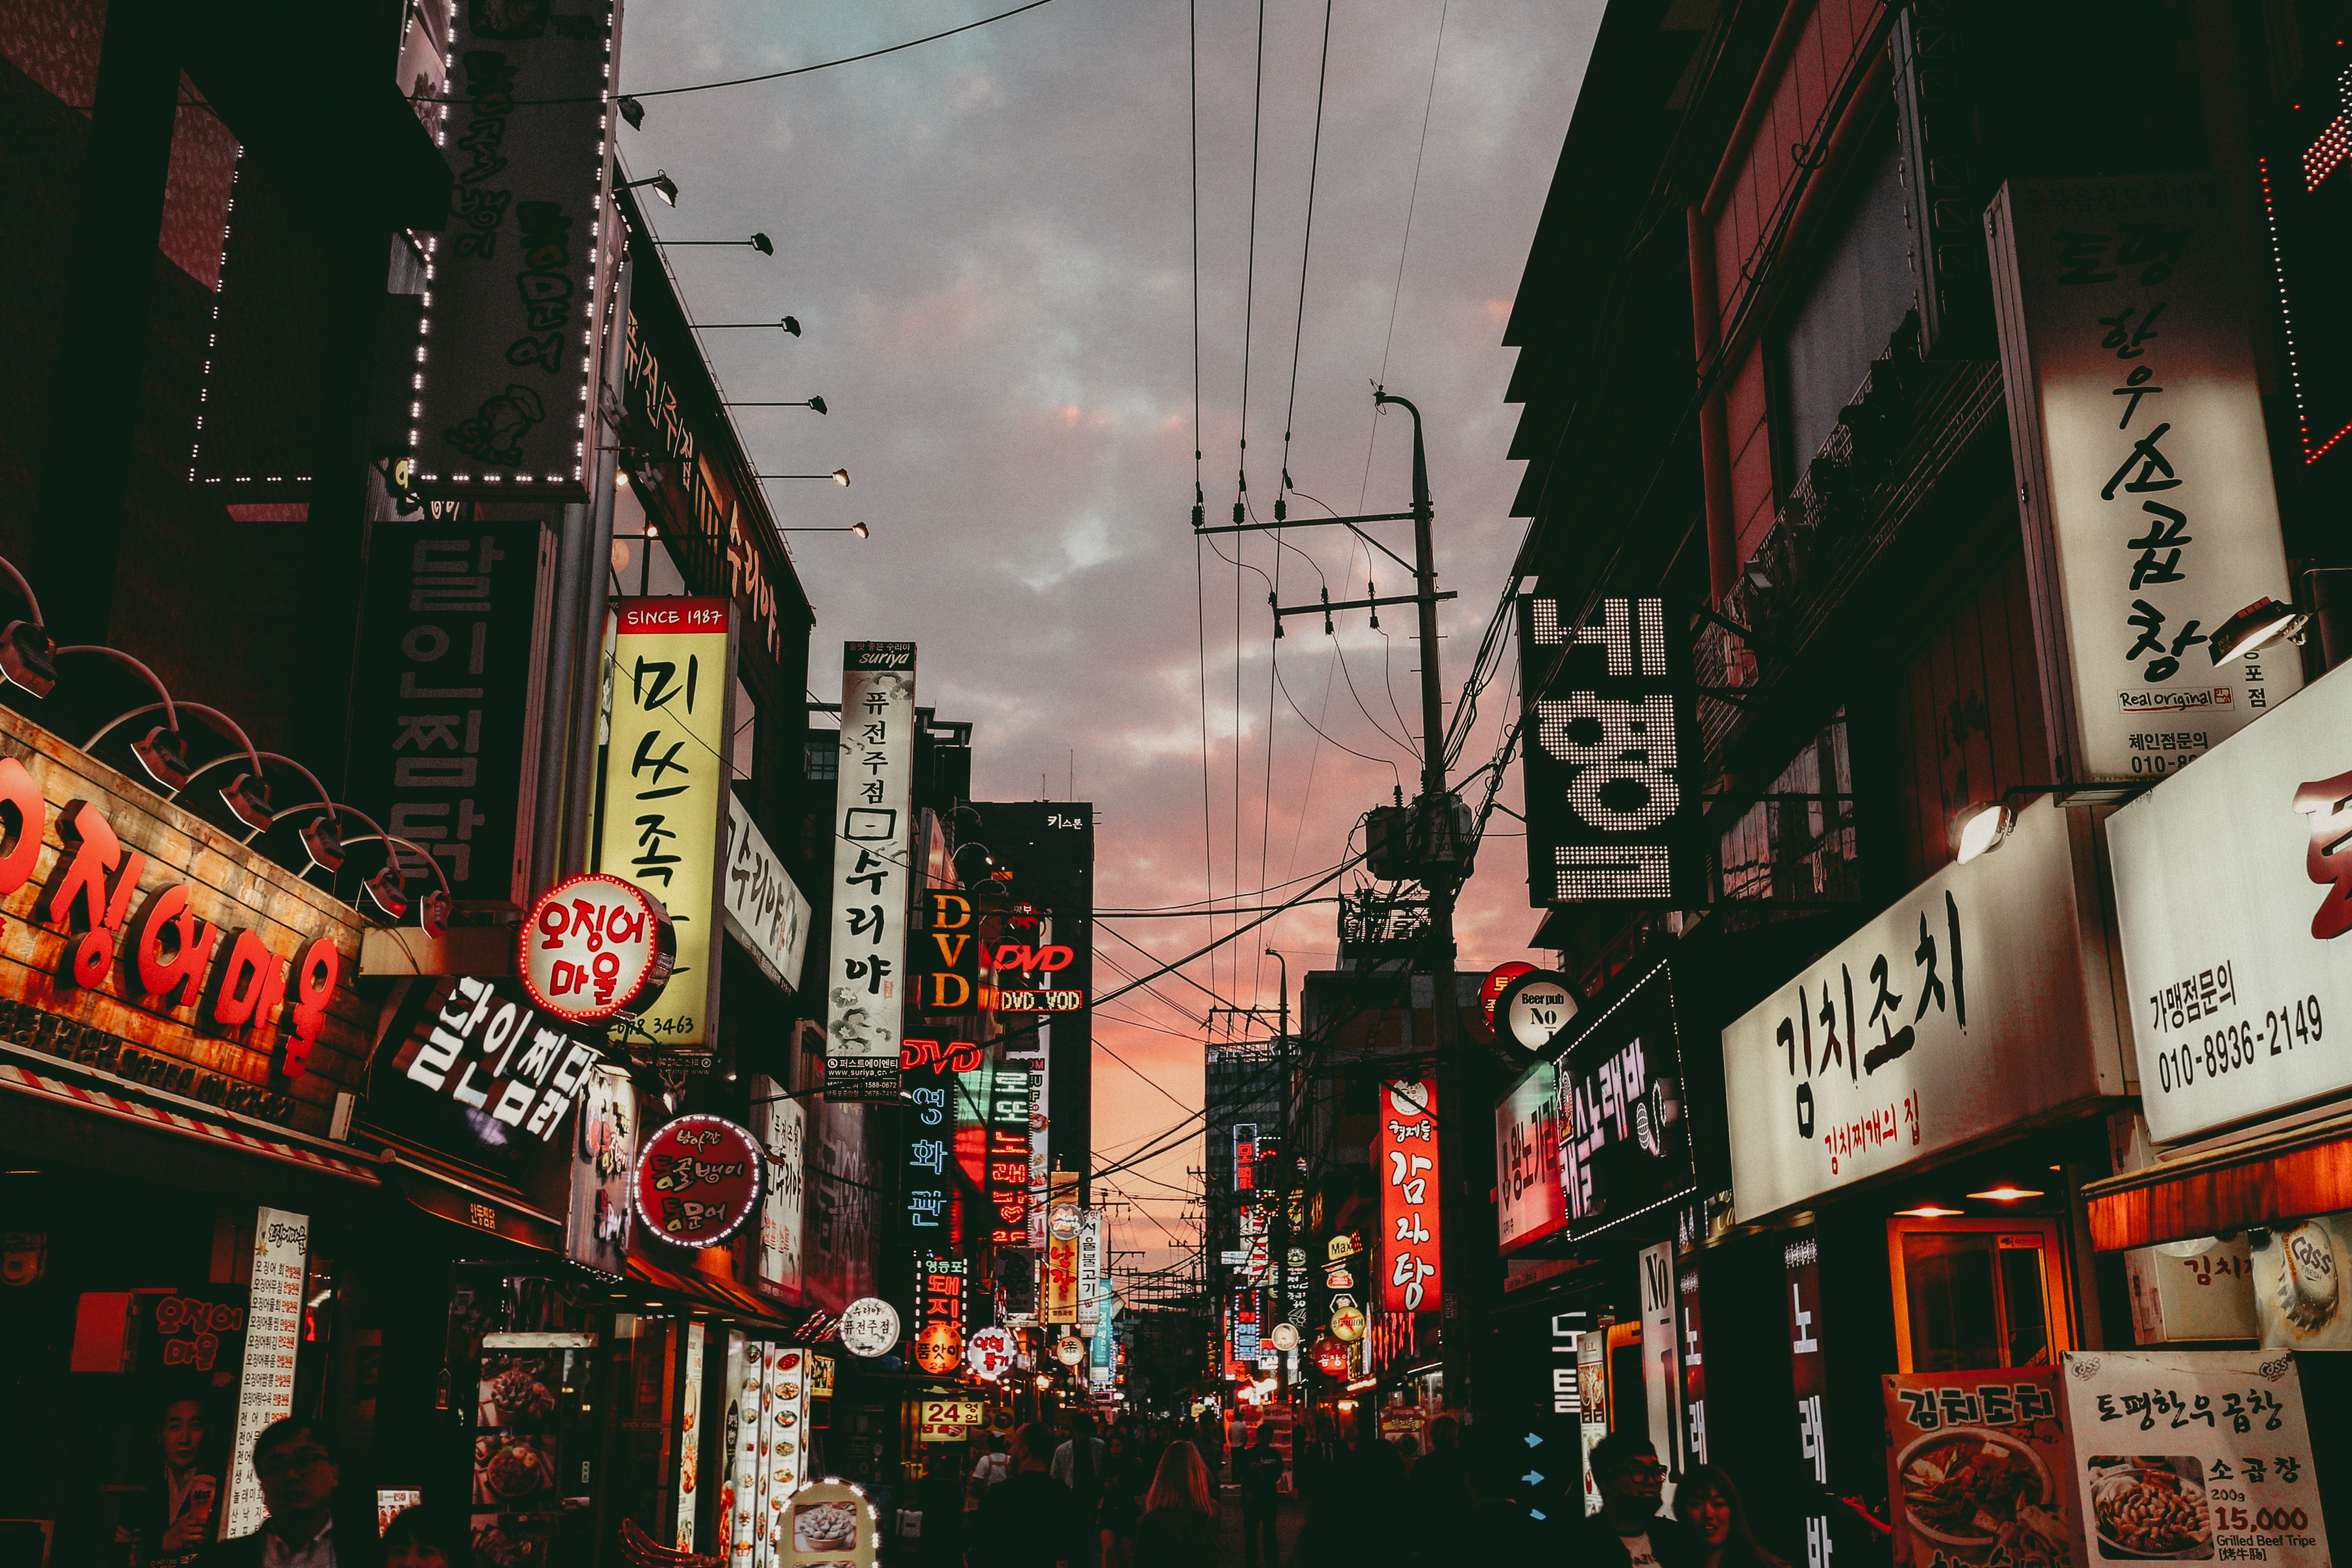 韓国・ソウルへの入国制限、緩和情報まとめ【2020年7月情報】